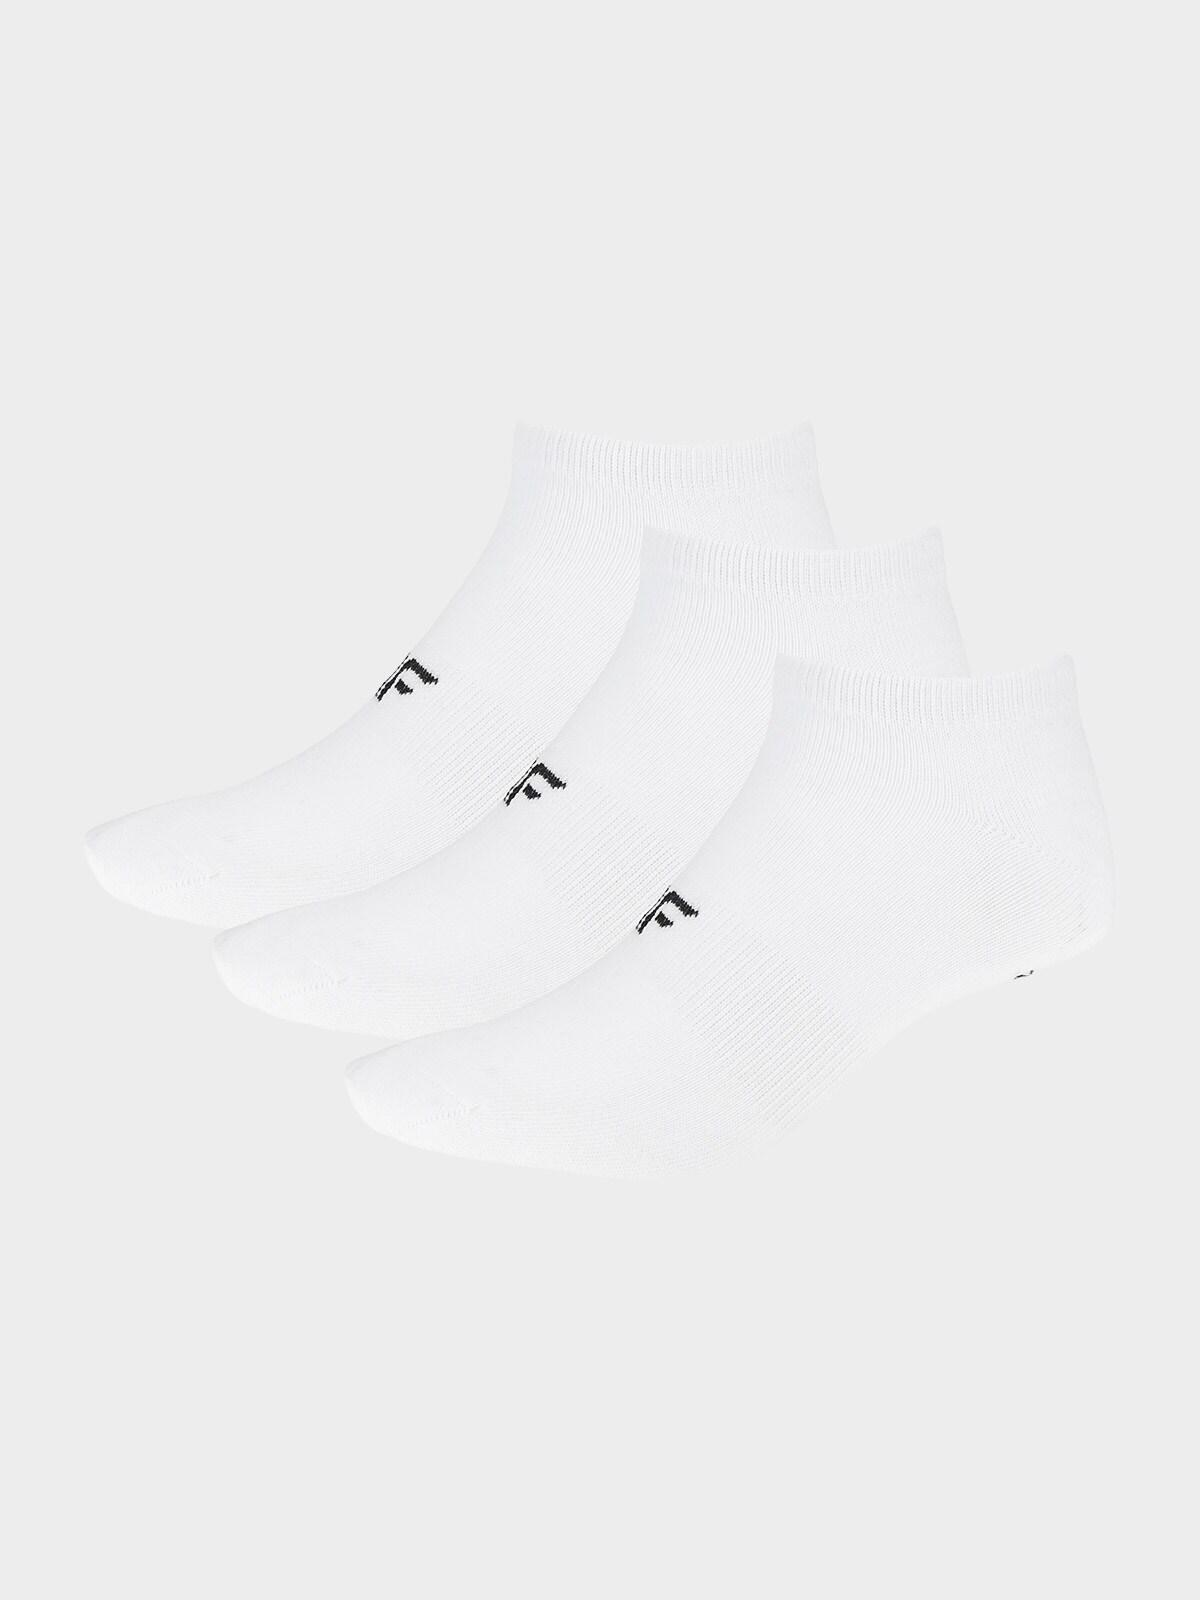 Dámské ponožky SOD302 - bílé+bílé+bílé -